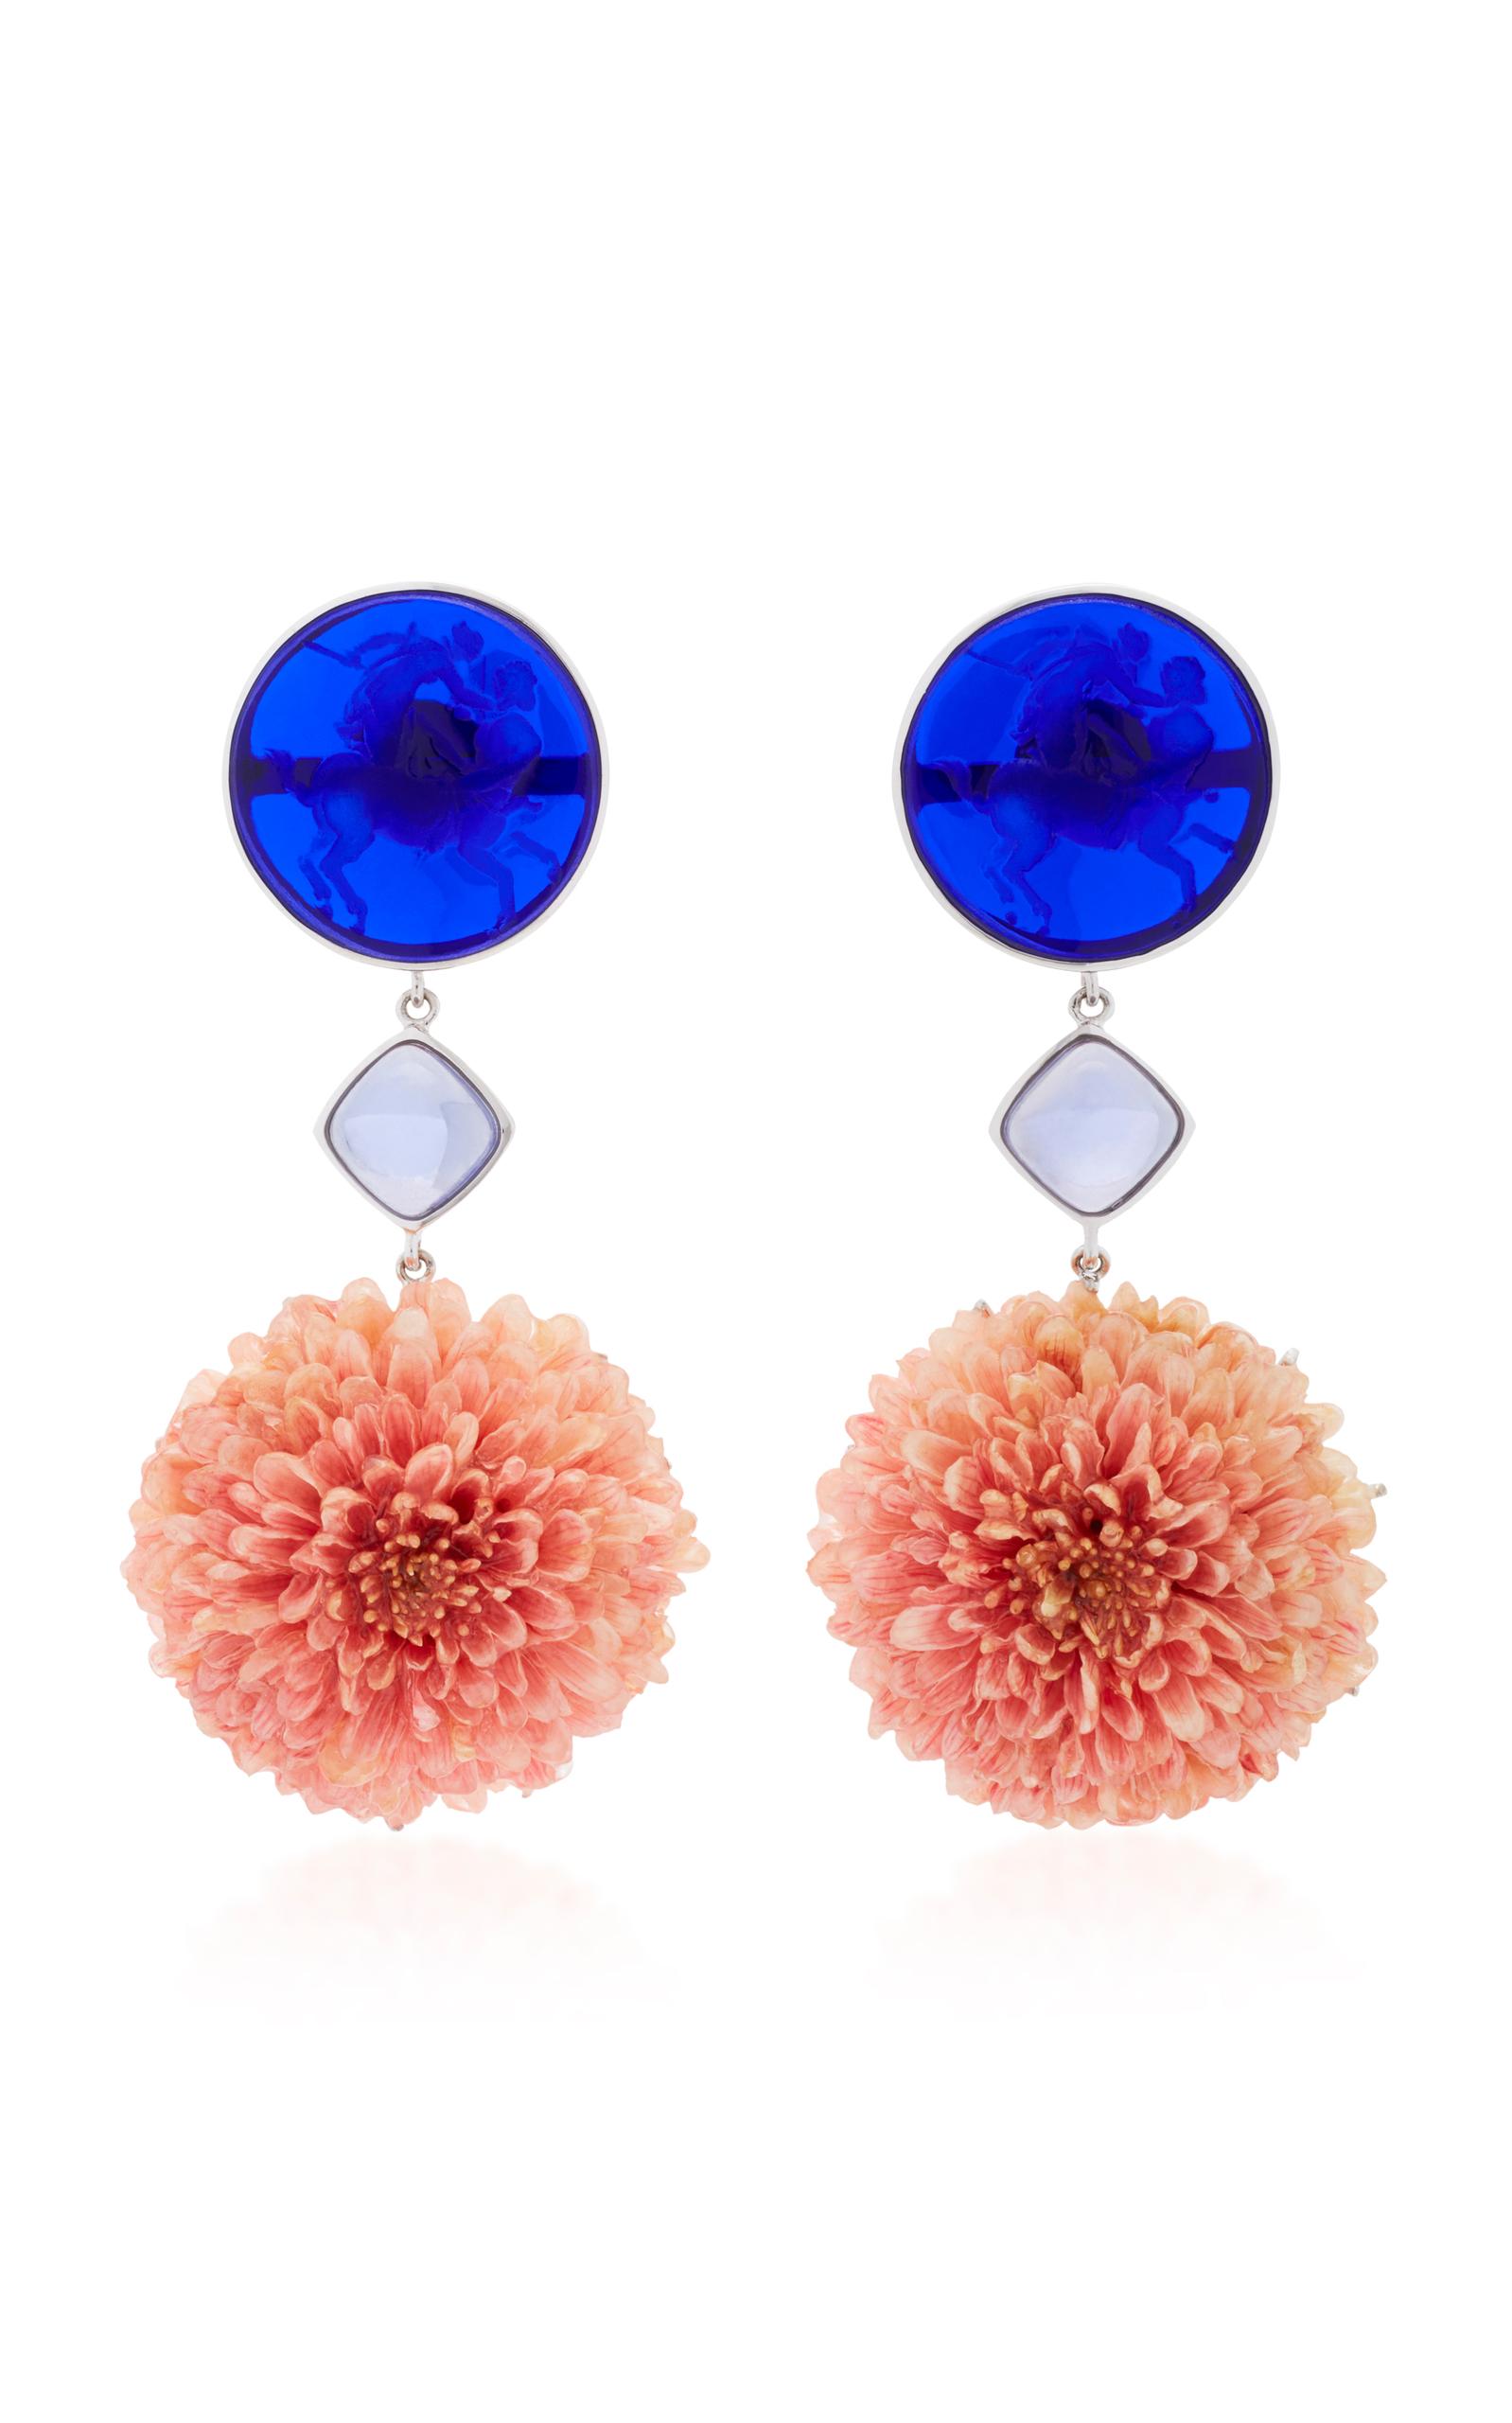 Women's 18K White Gold Dark Blue Venetian Glass Cameos Earrings